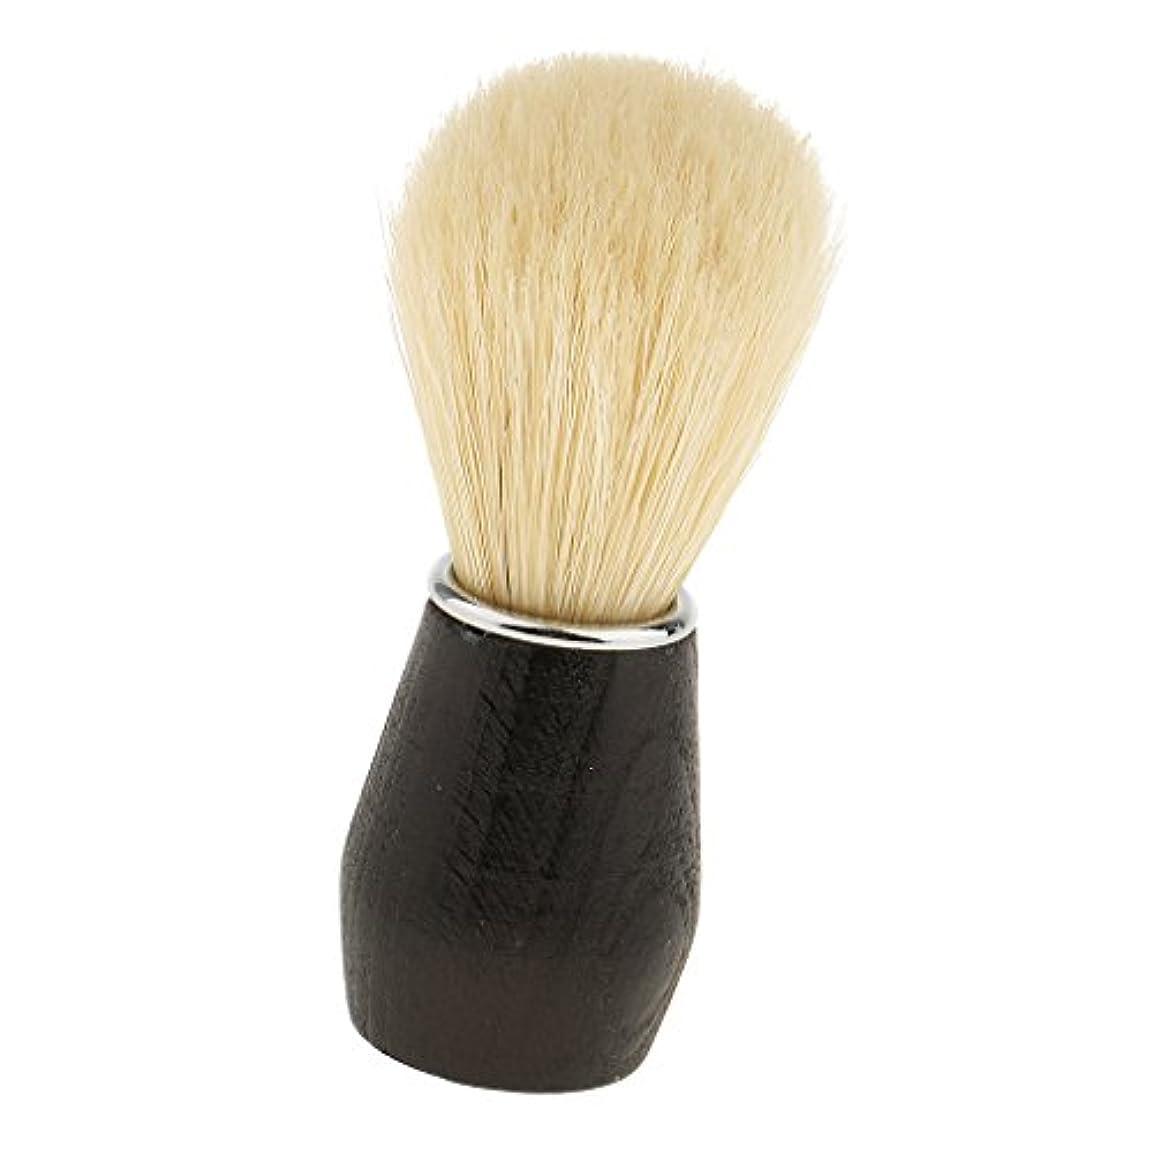 関与する満足できるトレイdailymall ひげ剃りブラシ シェービングブラシ メンズ 髭剃り プロフェッショナル ひげ剃り 美容ツール